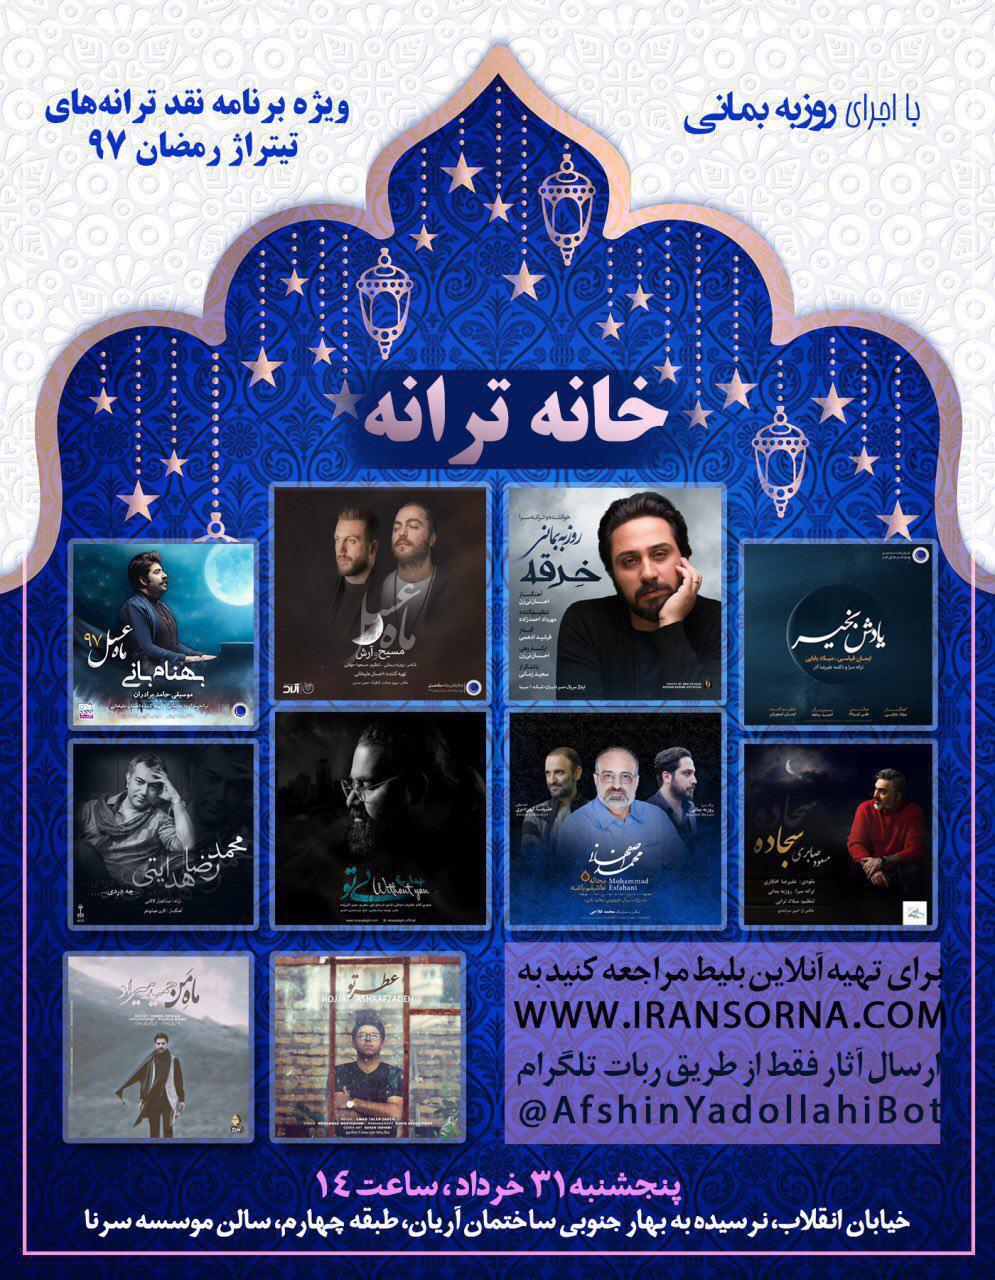 نقد ترانههای ماه رمضان در نشست «خانه ترانه»